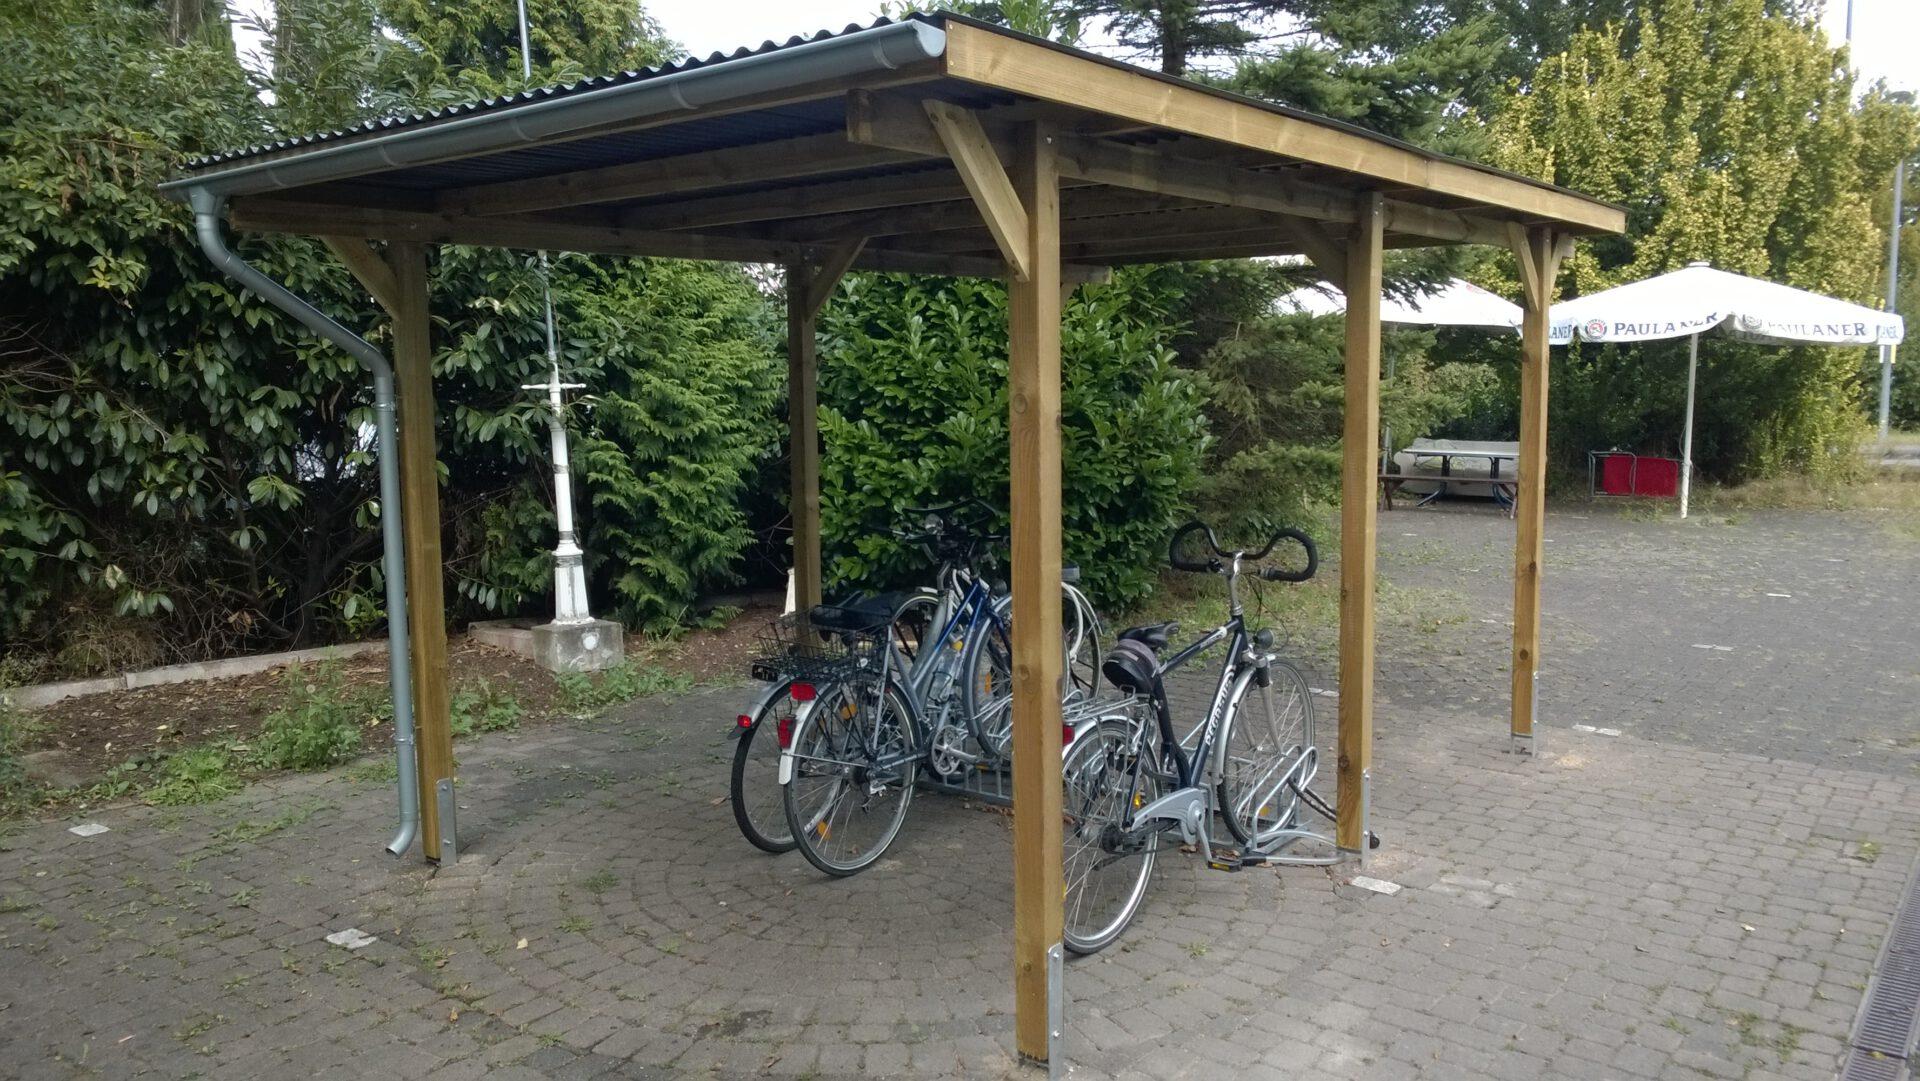 Mobile Nachbarn in Schildgen – viele große Ideen haben in einer Garage ihren Anfang genommen | stadtkonfetti.de